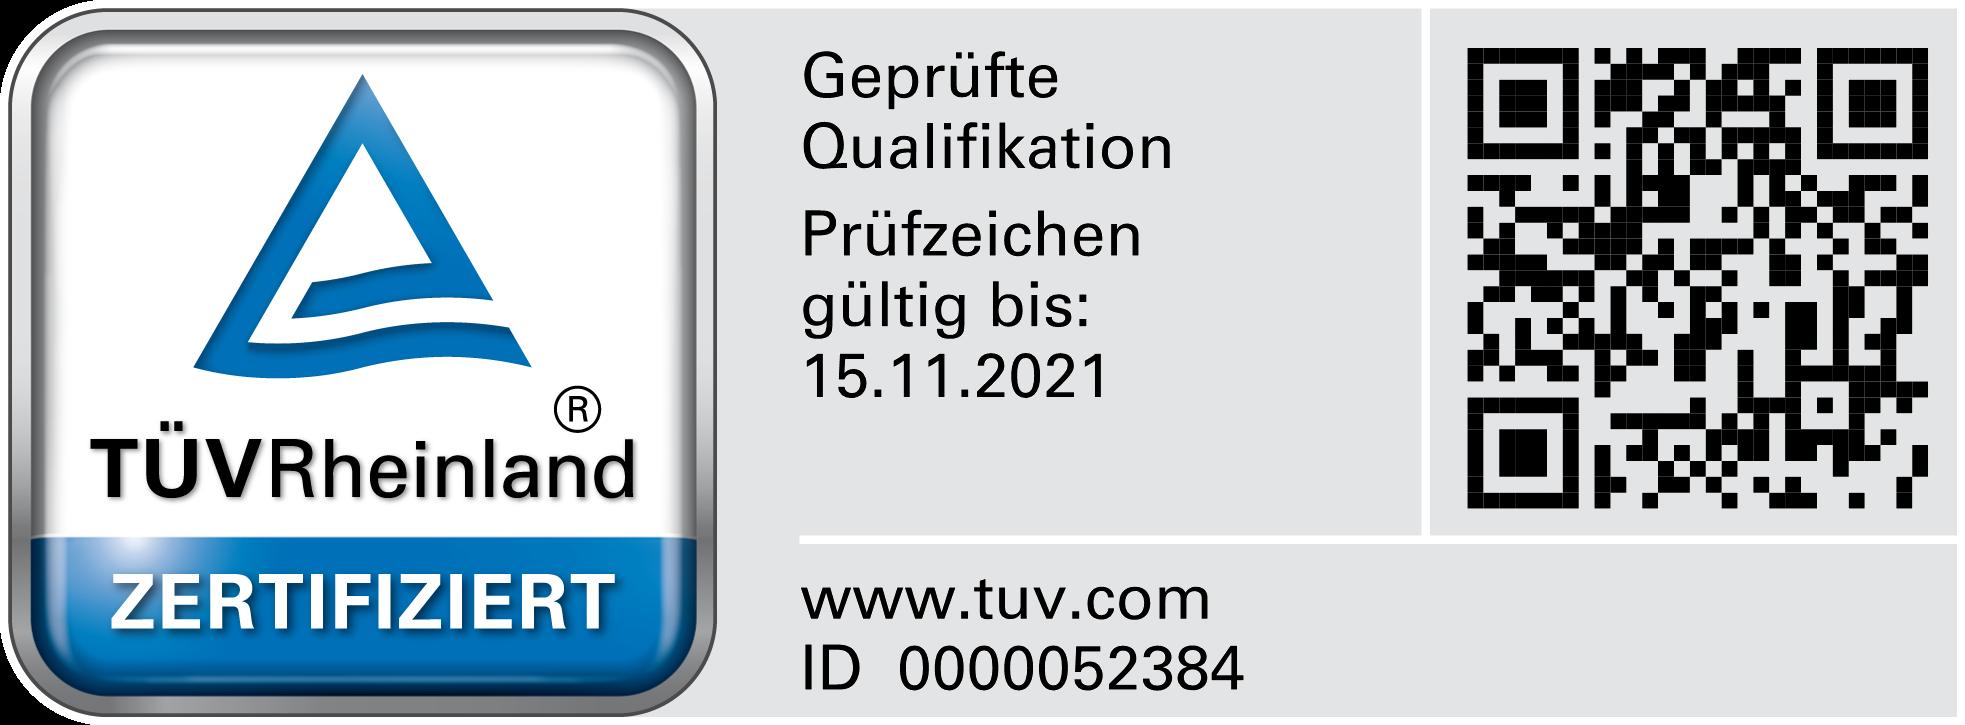 Vom TÜV zertifiziert: Garantiert hochwertige Smart-Repair im Bad